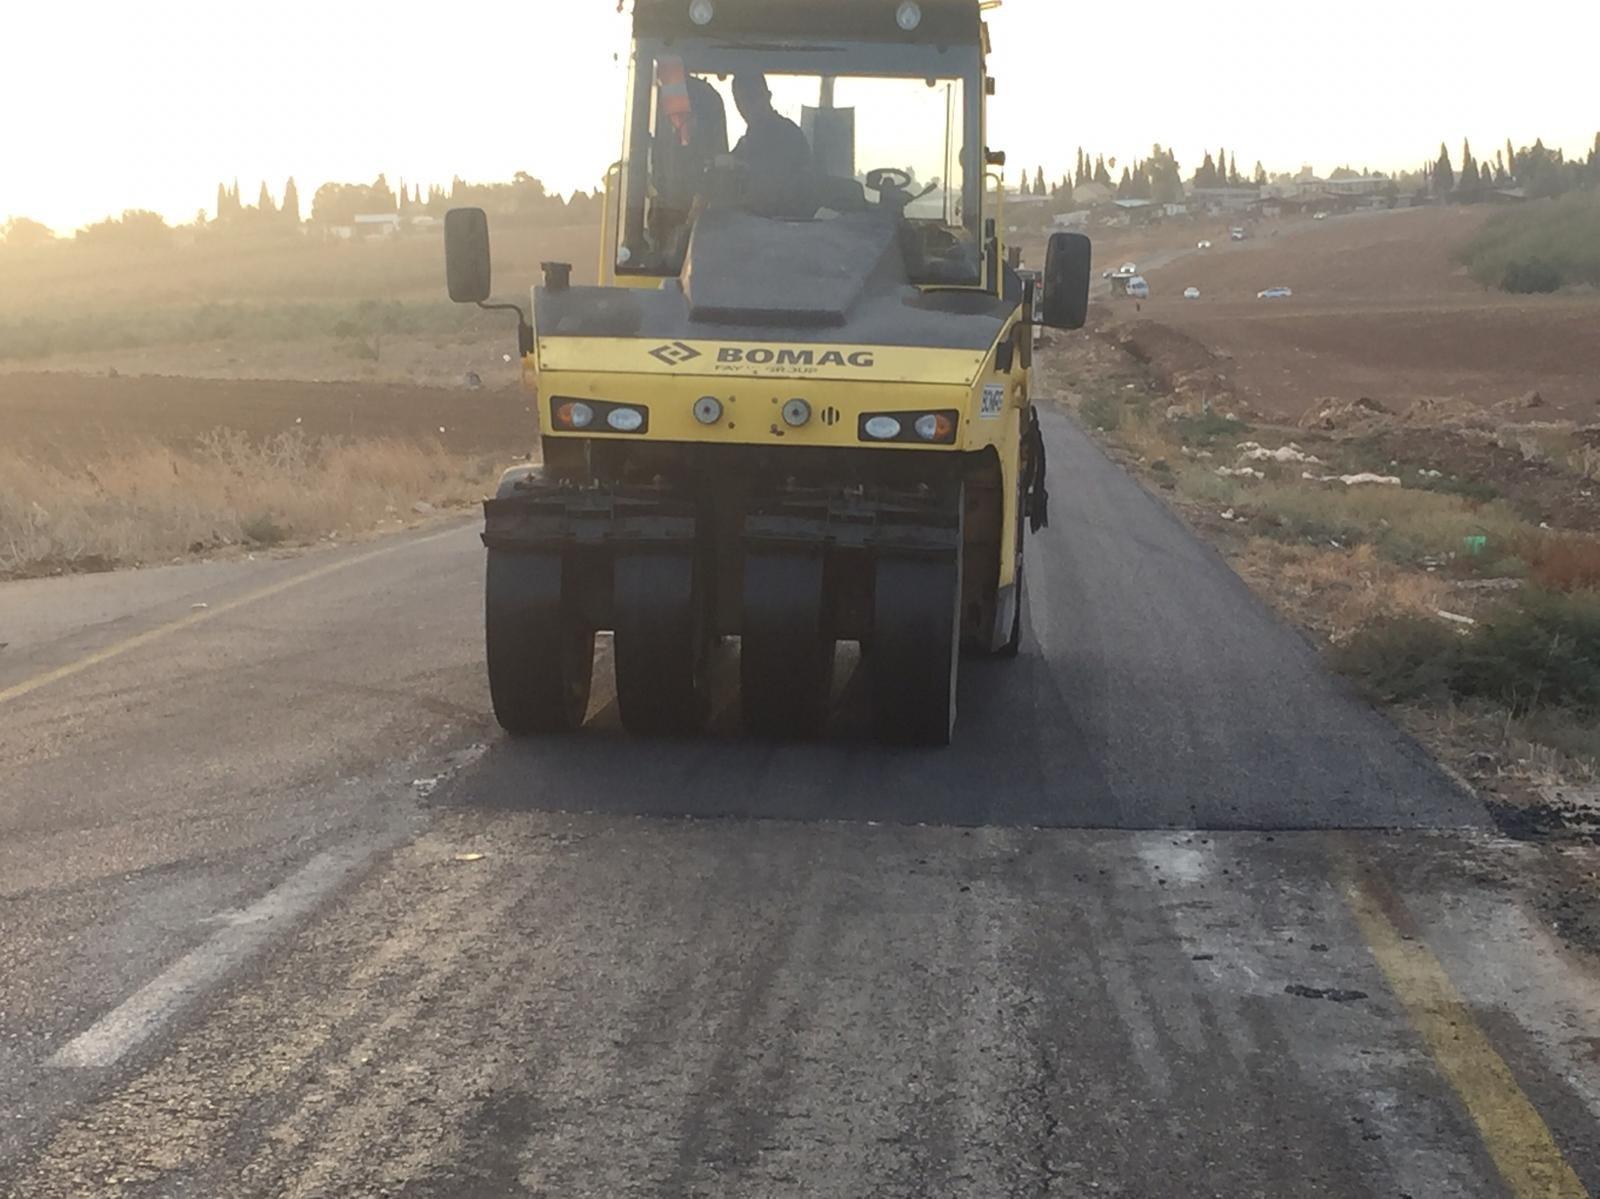 بعد جولة لإدارة المجلس مع طاقم نتيفي يسرائيل، وزيارة للوزير: البدء بتعبيد وصيانة شارع سولم